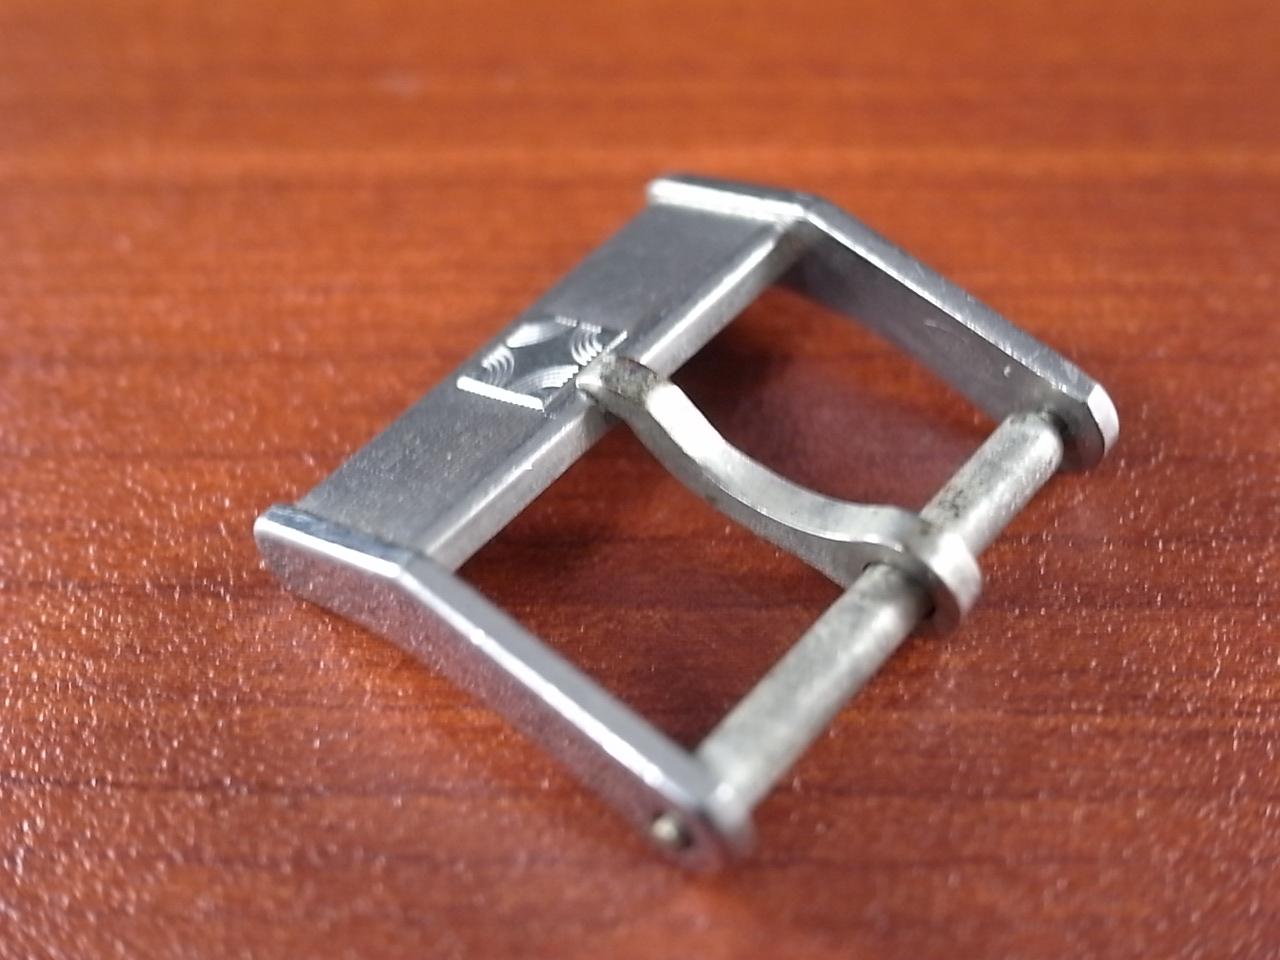 ゼニス アンティーク尾錠 SS 14mm 1960-70年代の写真3枚目